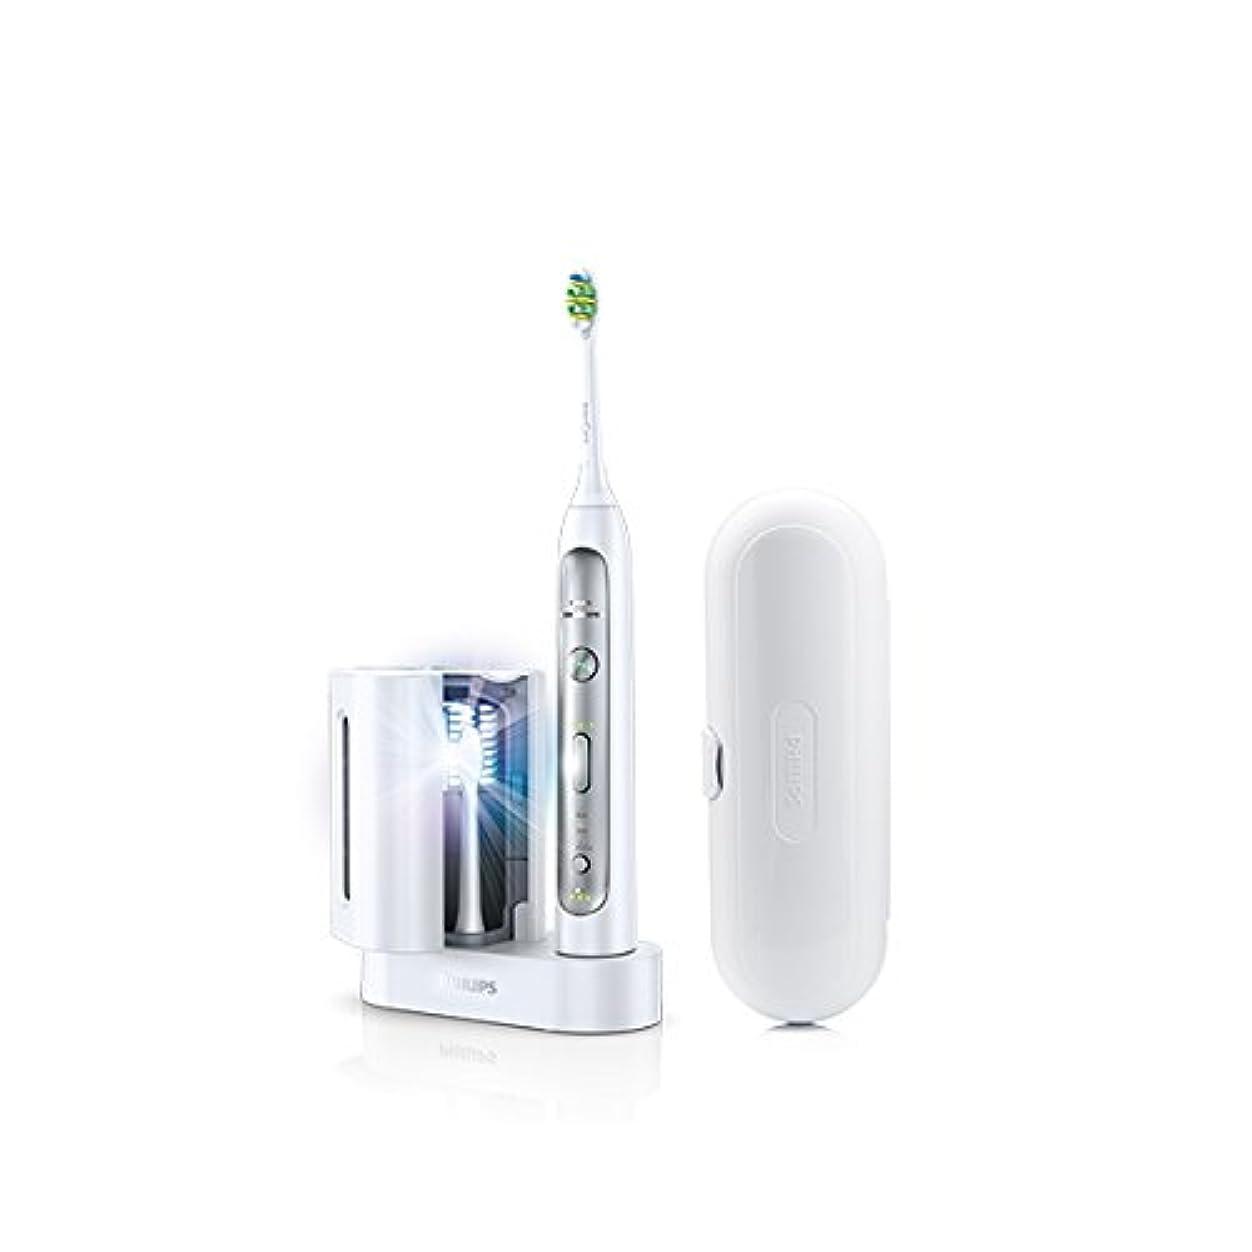 理解するまた明日ね同僚ソニッケアー 音波式電動歯ブラシ 「フレックスケアープラチナ」 HX9170/10